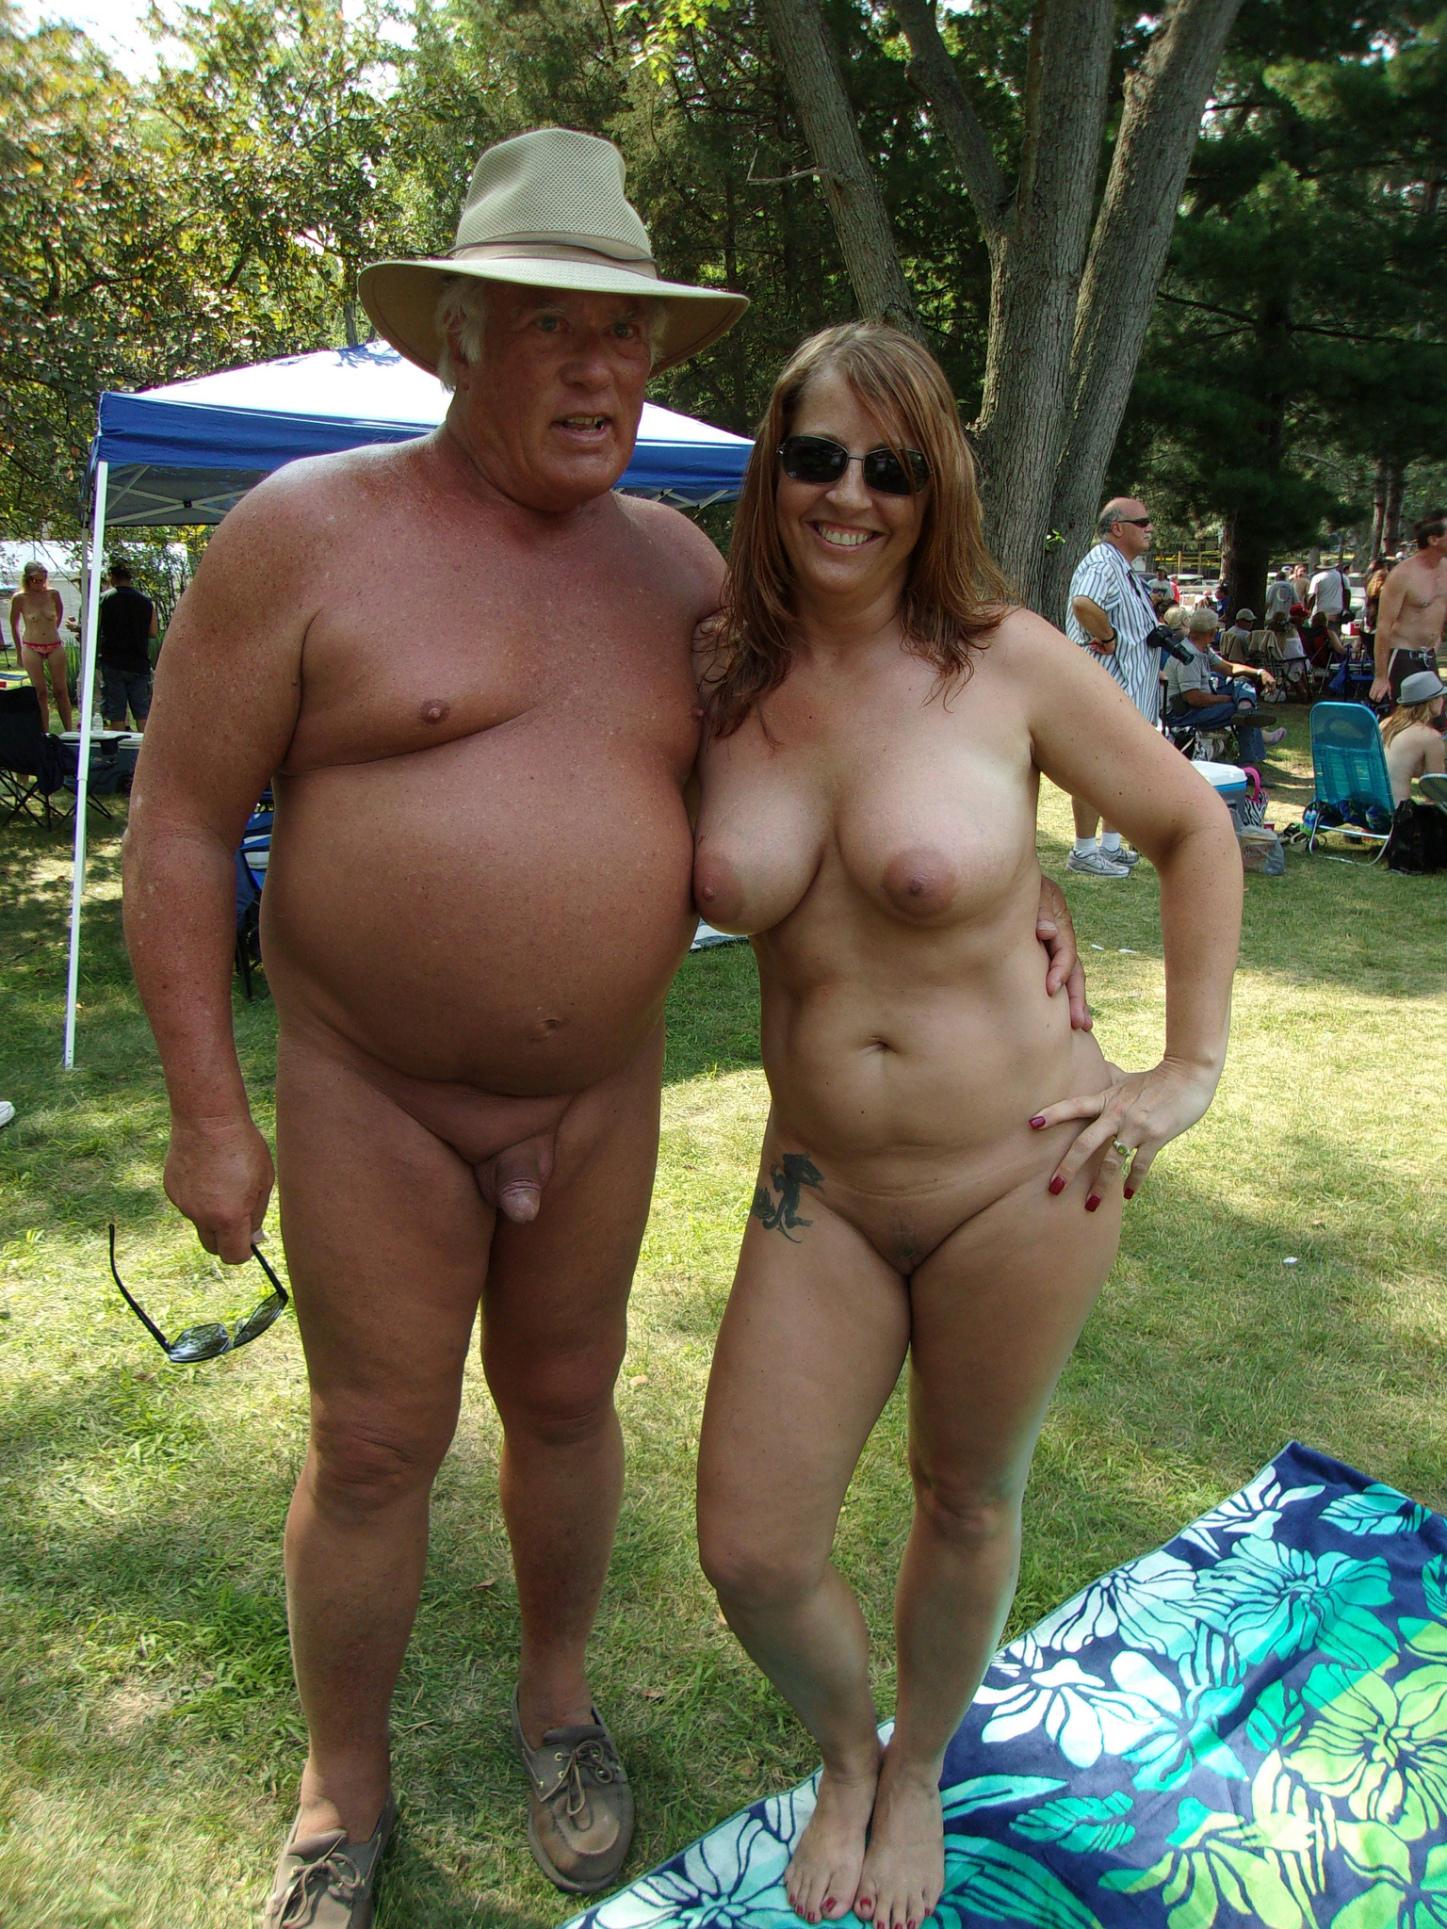 Campamento en michigan nudista